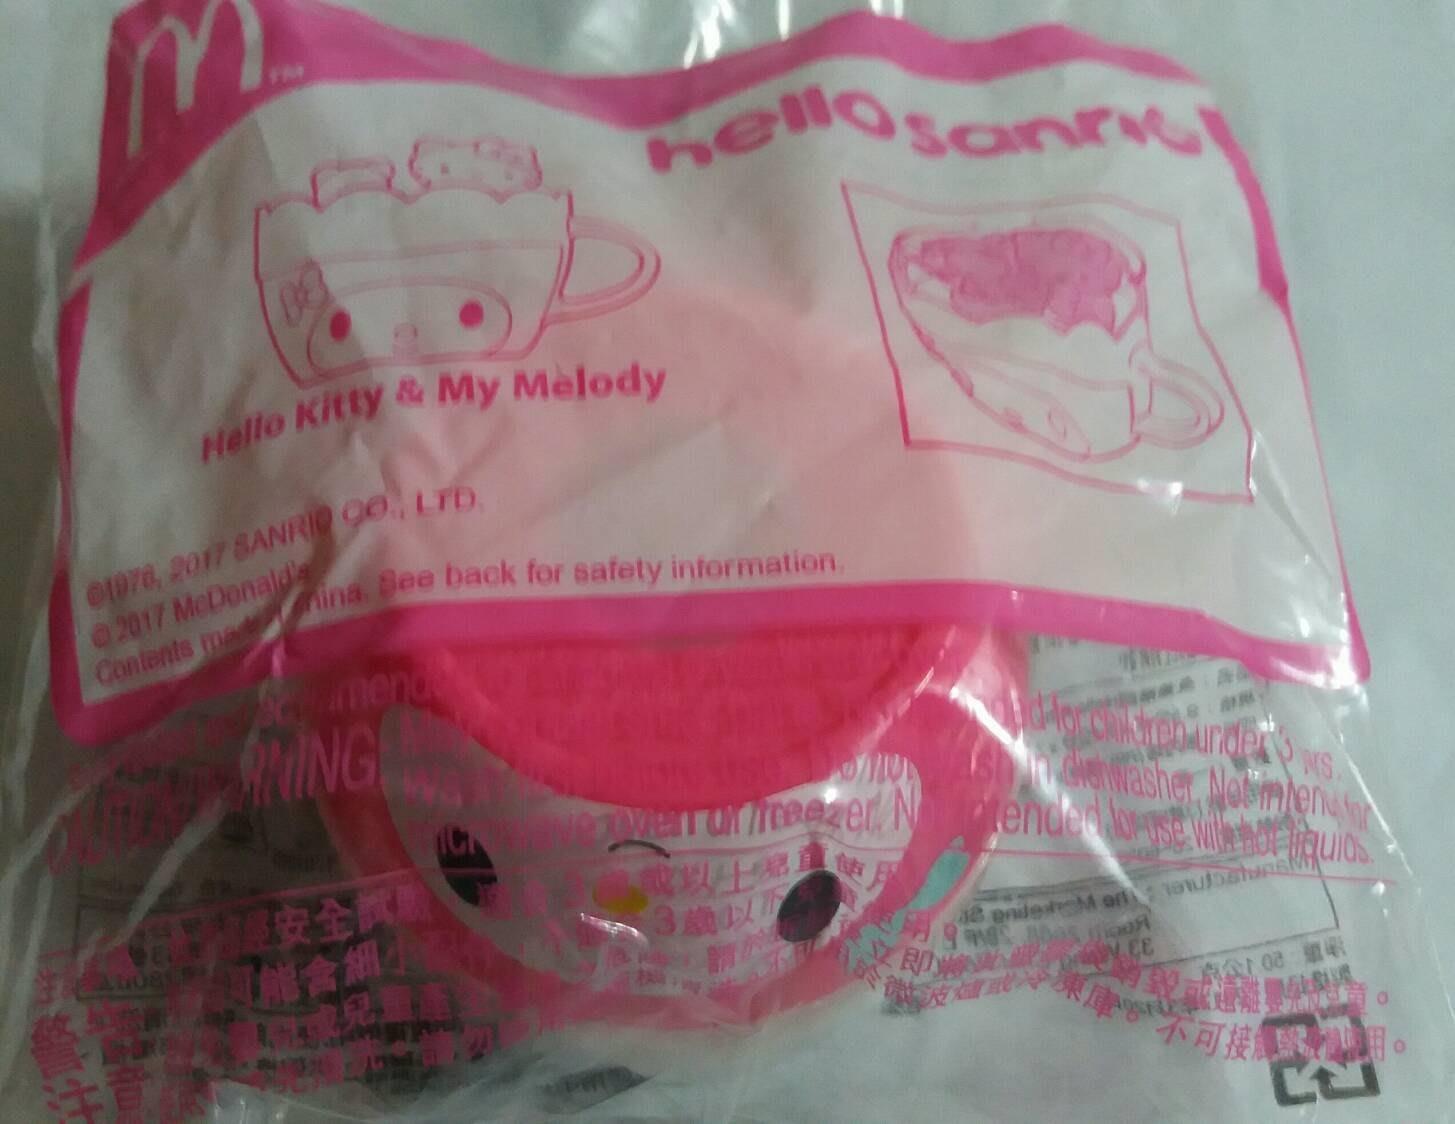 全新絕版限量McDonalds麥當勞兒童餐玩具Melody美樂蒂與Hello Kitty 旋轉杯Sanrio凱蒂貓公仔